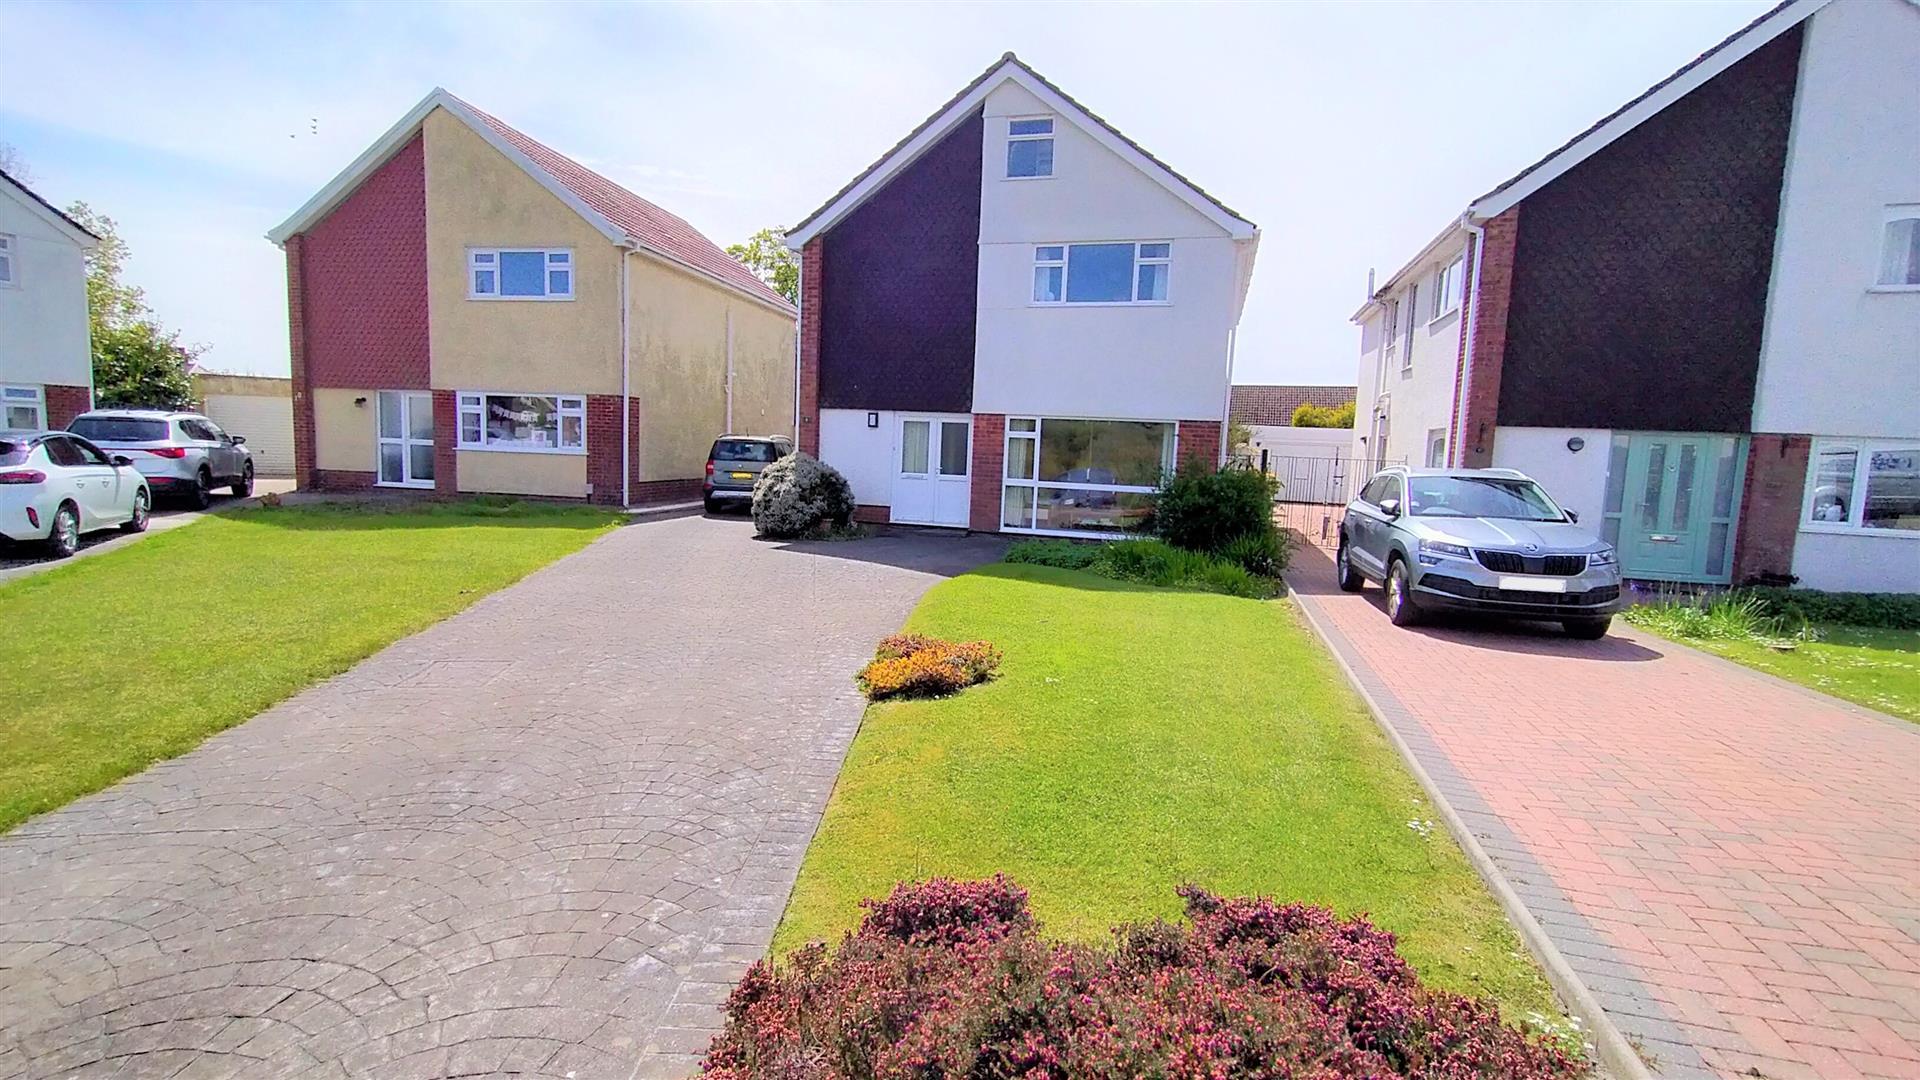 Radyr Avenue, Mayals, Swansea, SA3 5DT